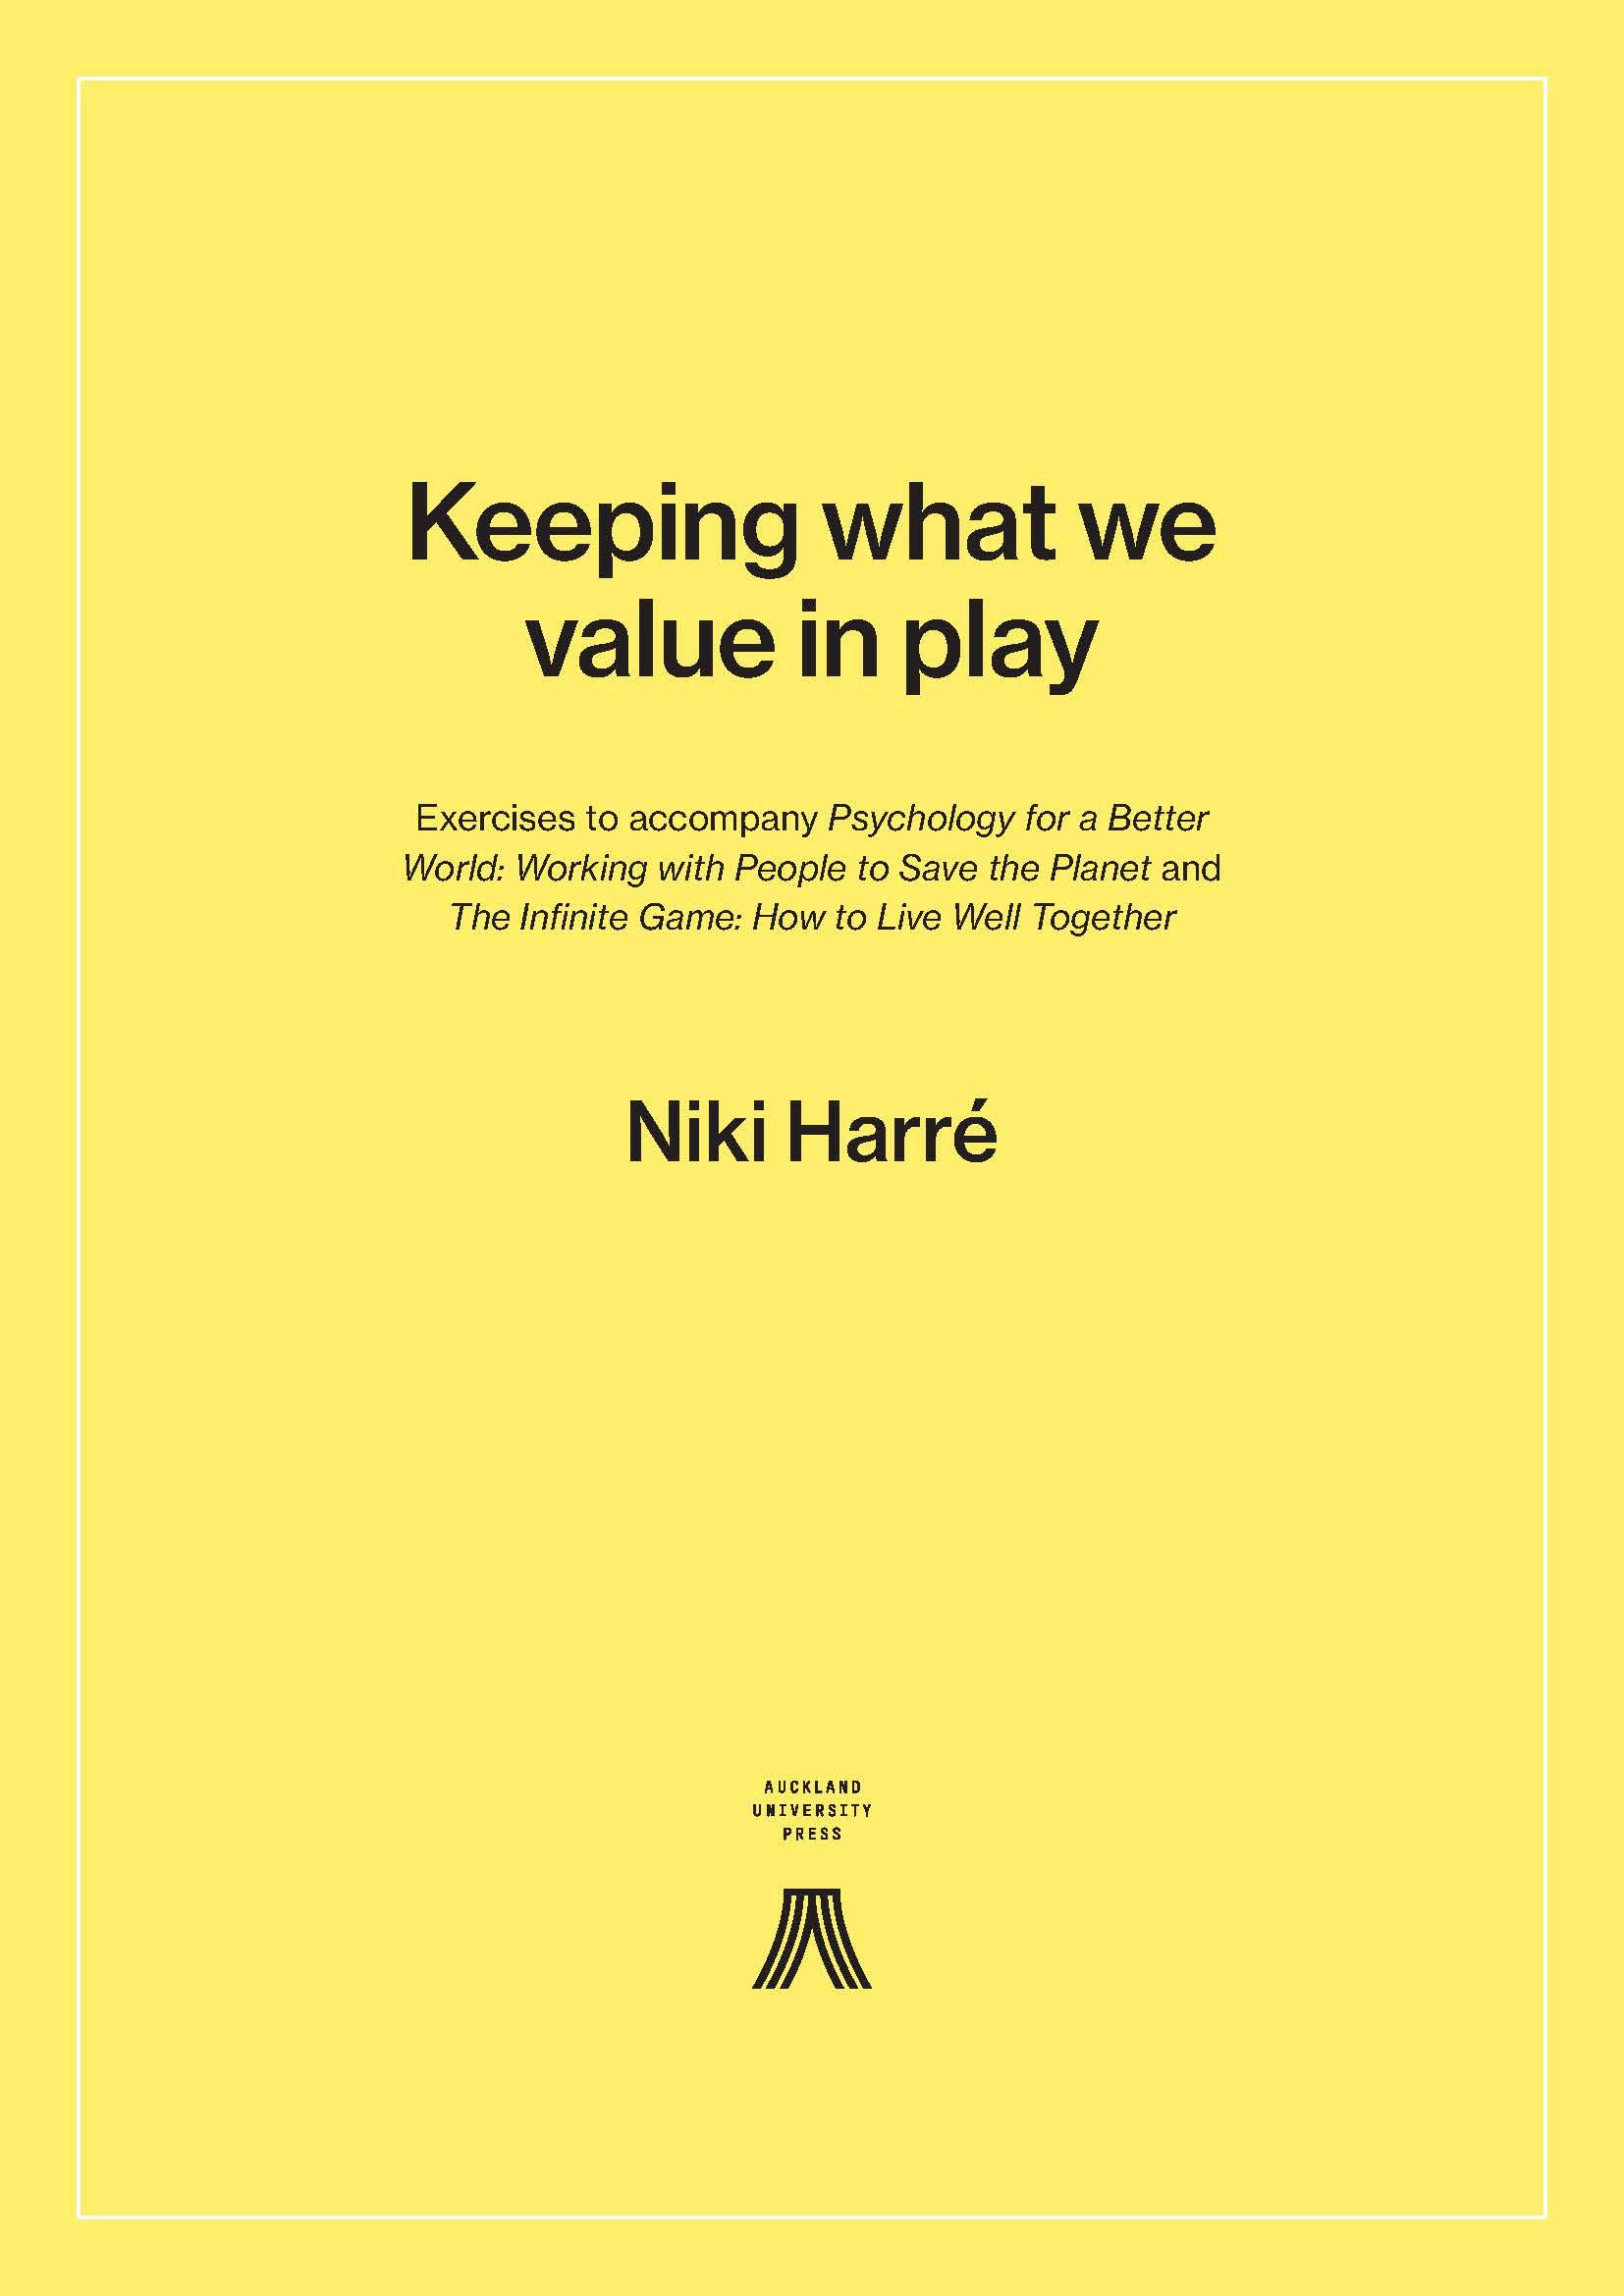 Keeping what we value in play infinite game.jpg